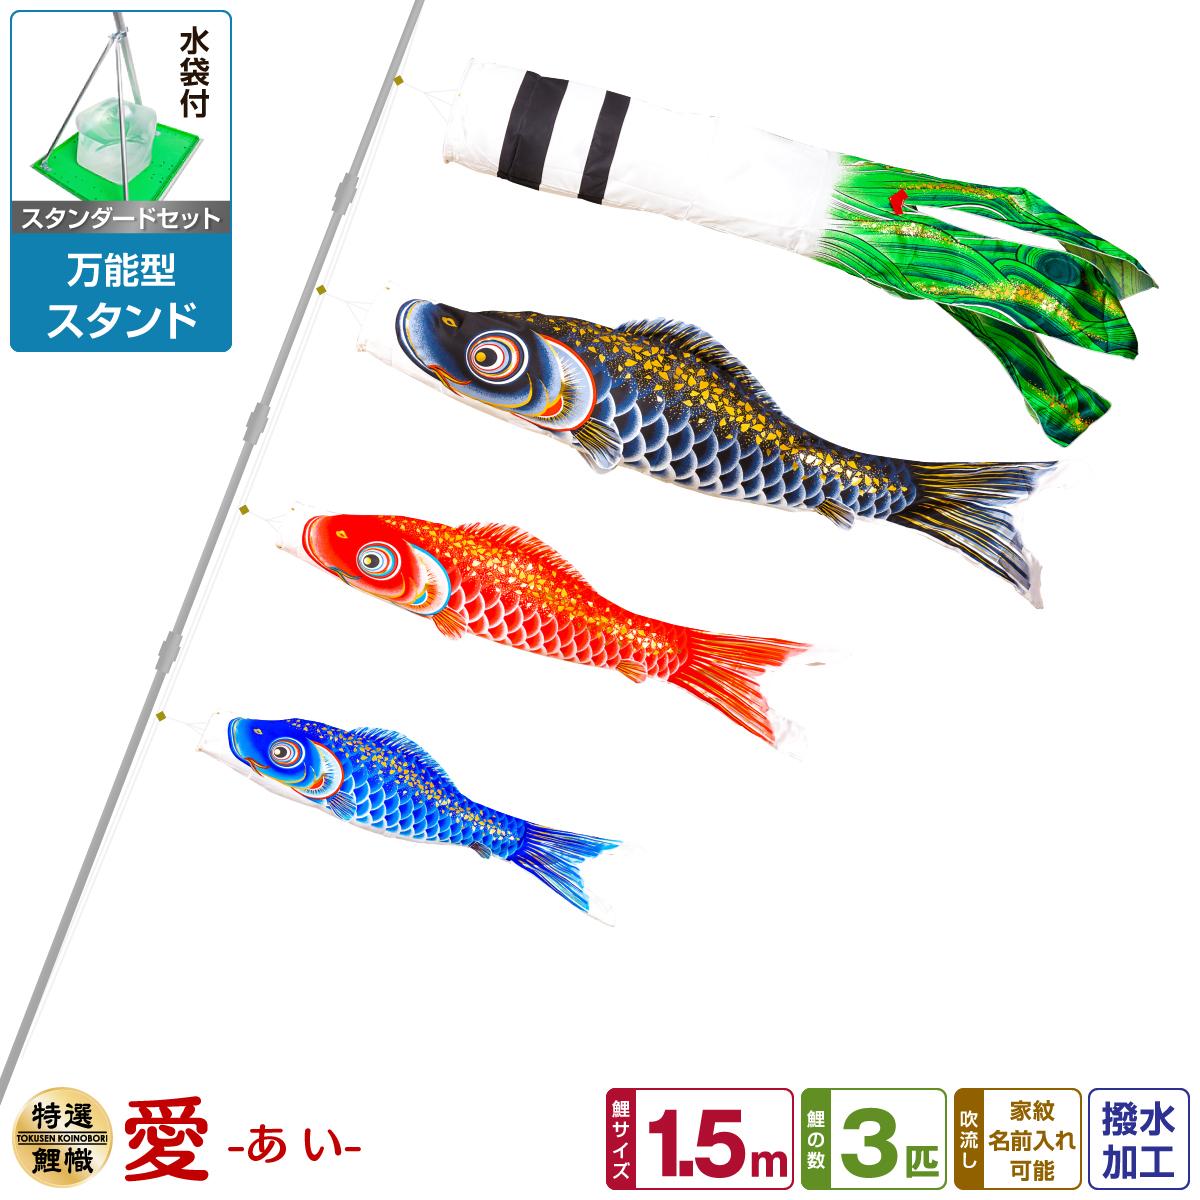 ベランダ用 こいのぼり 鯉のぼり 愛 1.5m 6点(吹流し+鯉3匹+矢車+ロープ)/スタンダードセット(万能スタンド)